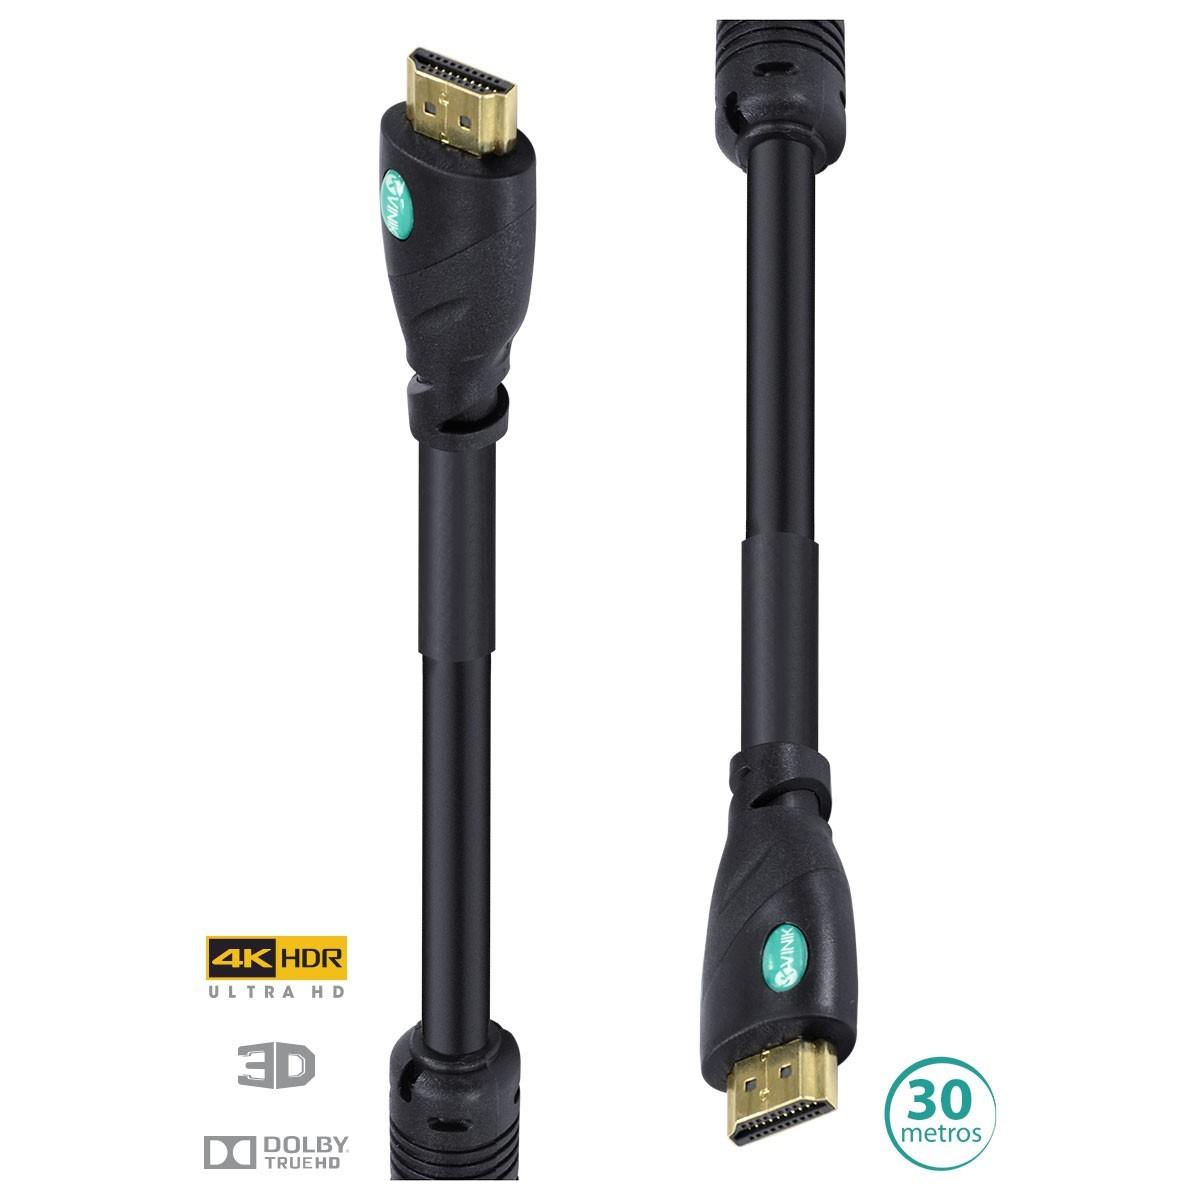 Cabo HDMI 2.0 4K ULTRA HD 3D Conexao ETHERNET com Filtro 30 Metros - H20F-30